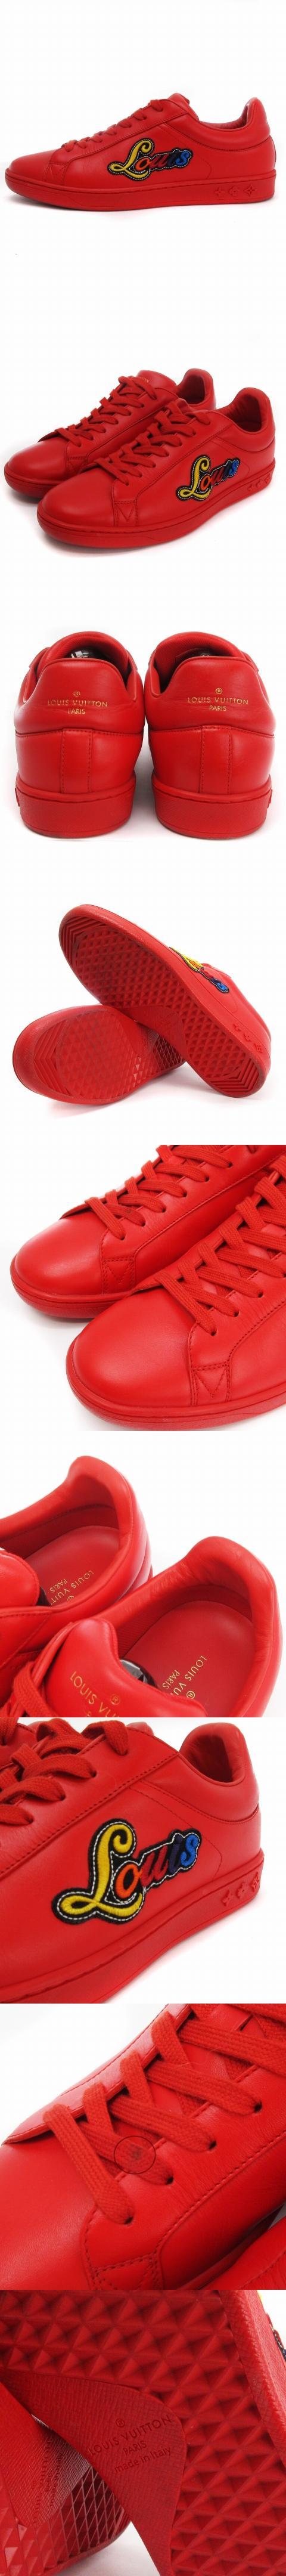 ルクセンブルクライン スニーカー ローカット ワッペン レザー 1A3TBL 赤 レッド 6 靴